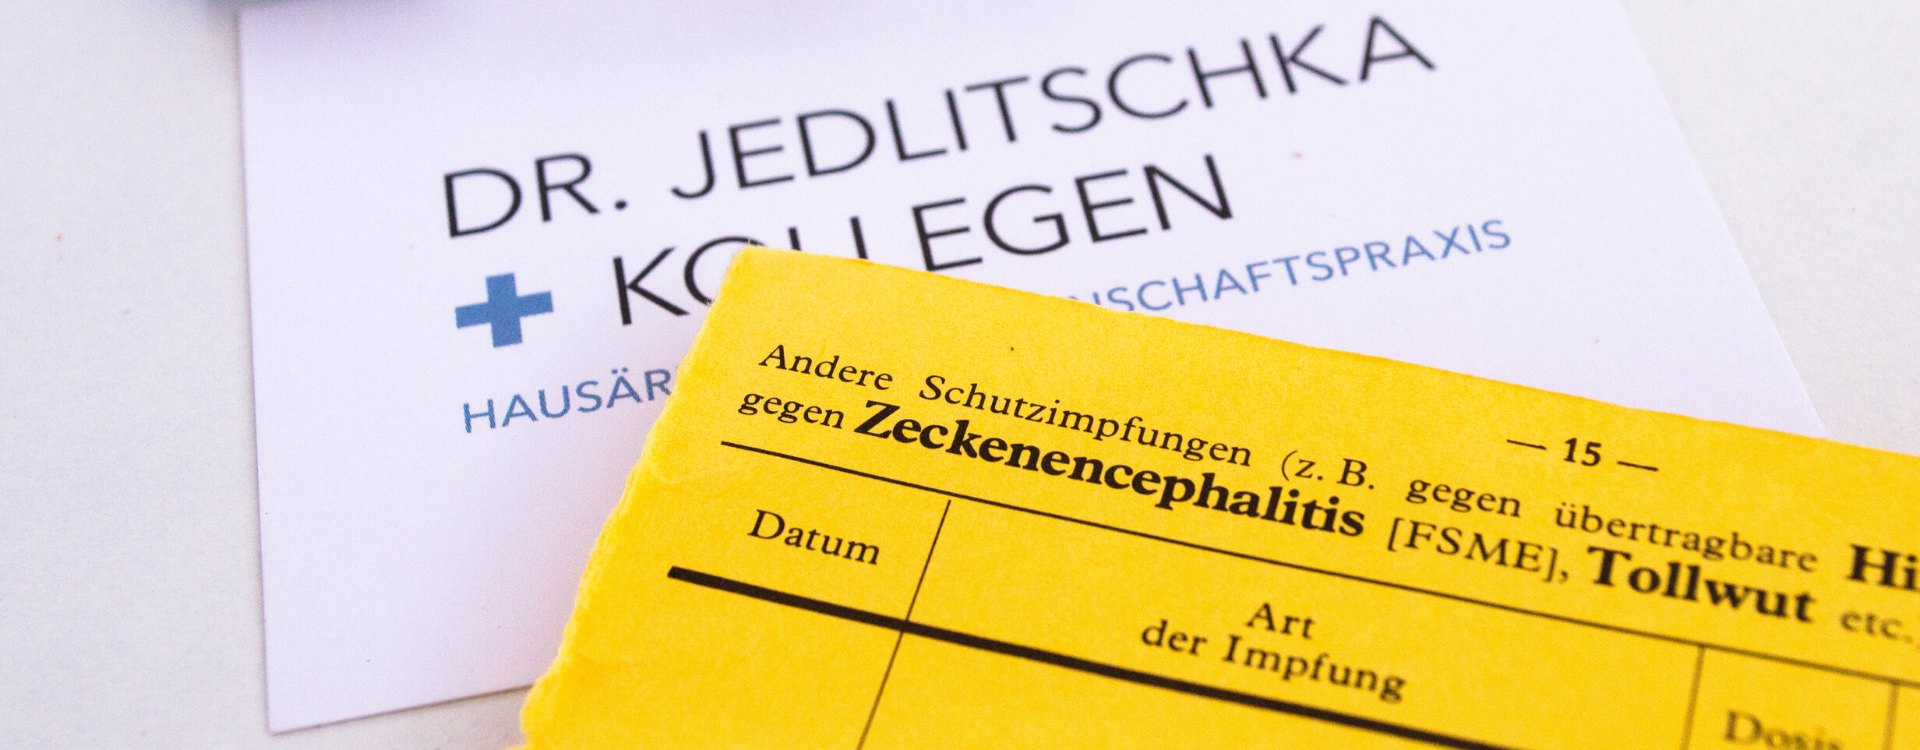 Fsme Impfung Hausarzt Neunkirchen A S Dr Jedlitschka Kollegen